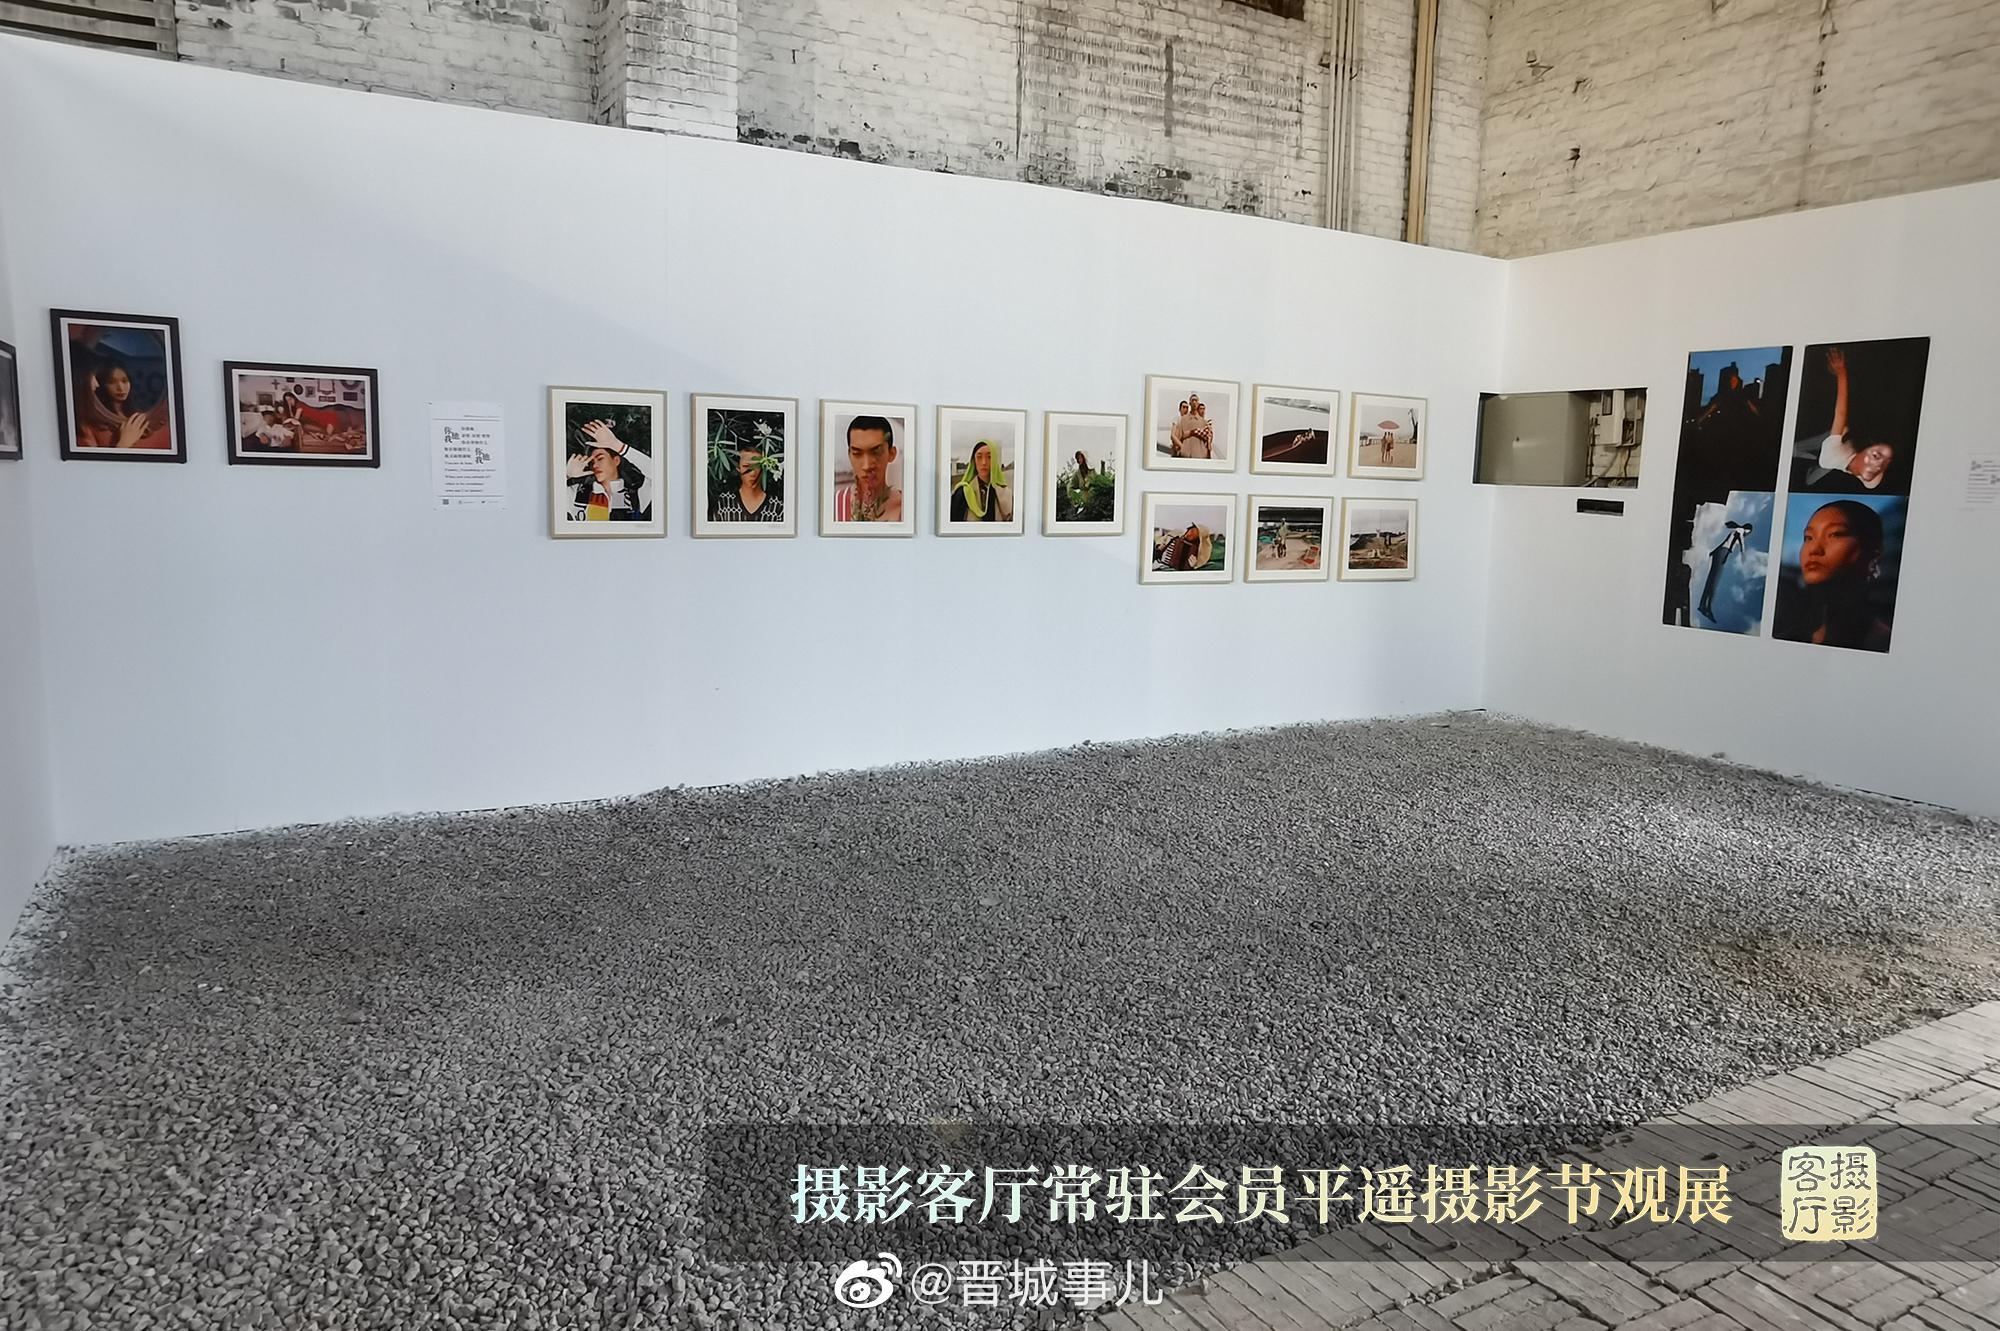 平遥国际摄影大展被誉为全球摄影人的奥斯卡……